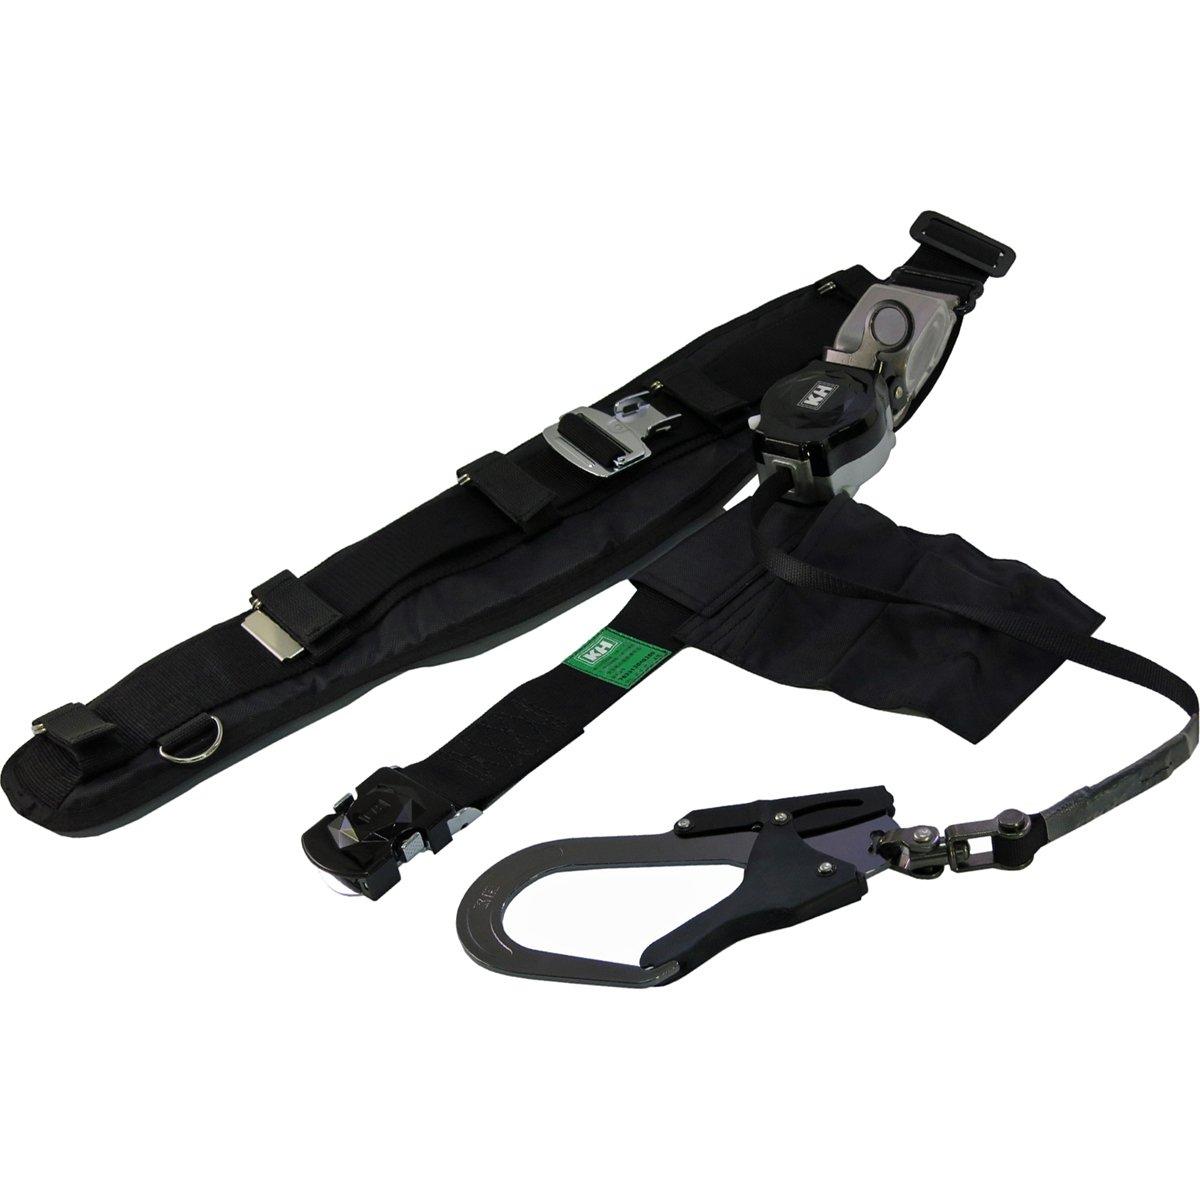 KH 安全帯 サポーターベルト付 ロープ式 タフアルミ 自在環 アロッキー ブラック [落下防止 電気工事 高所での安全作業] B00GU4ARP8